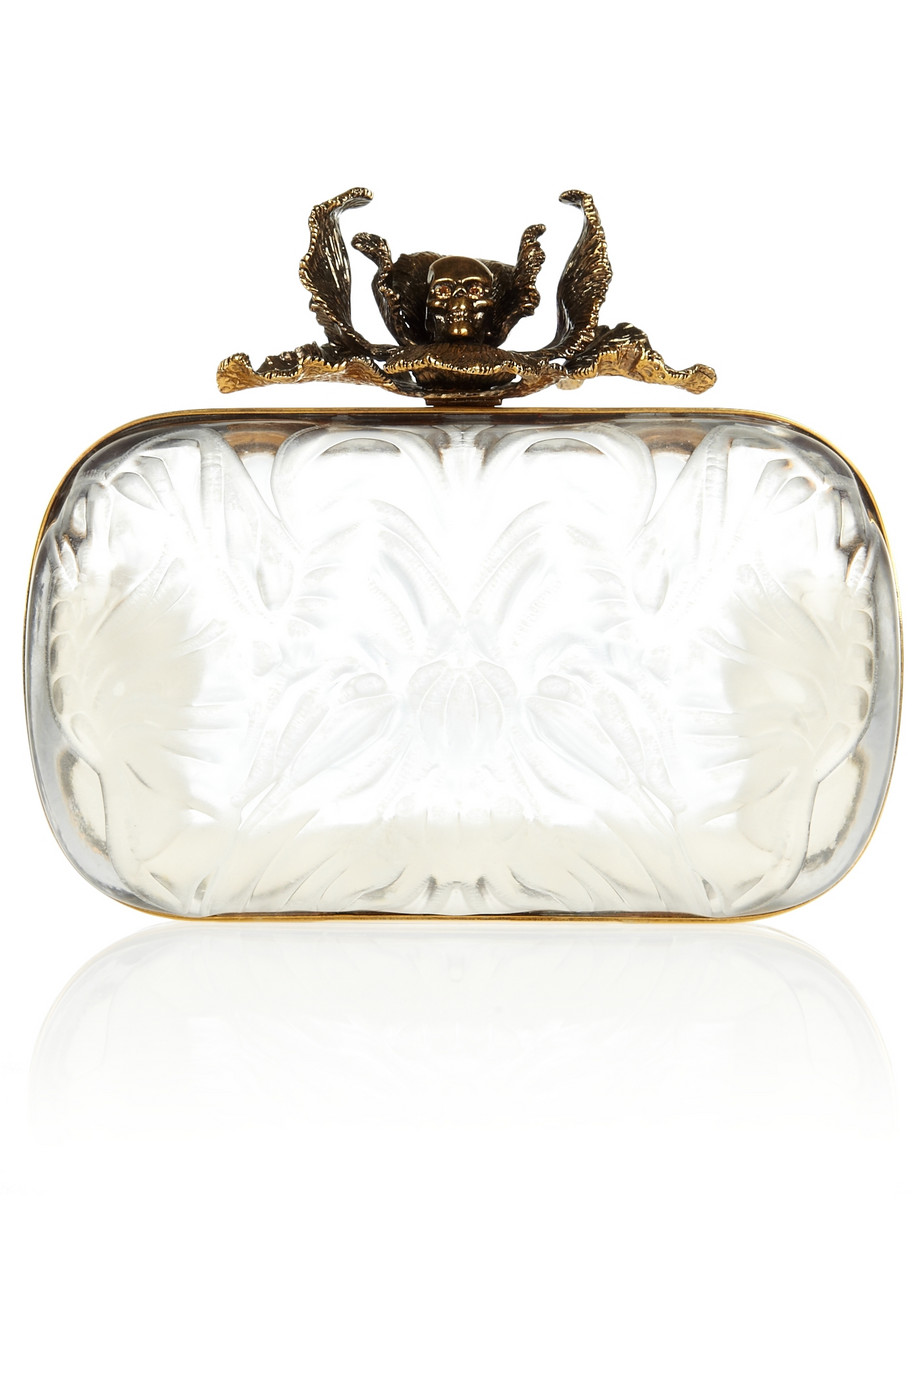 Torebka Alexander McQueen Iris Box Clutch